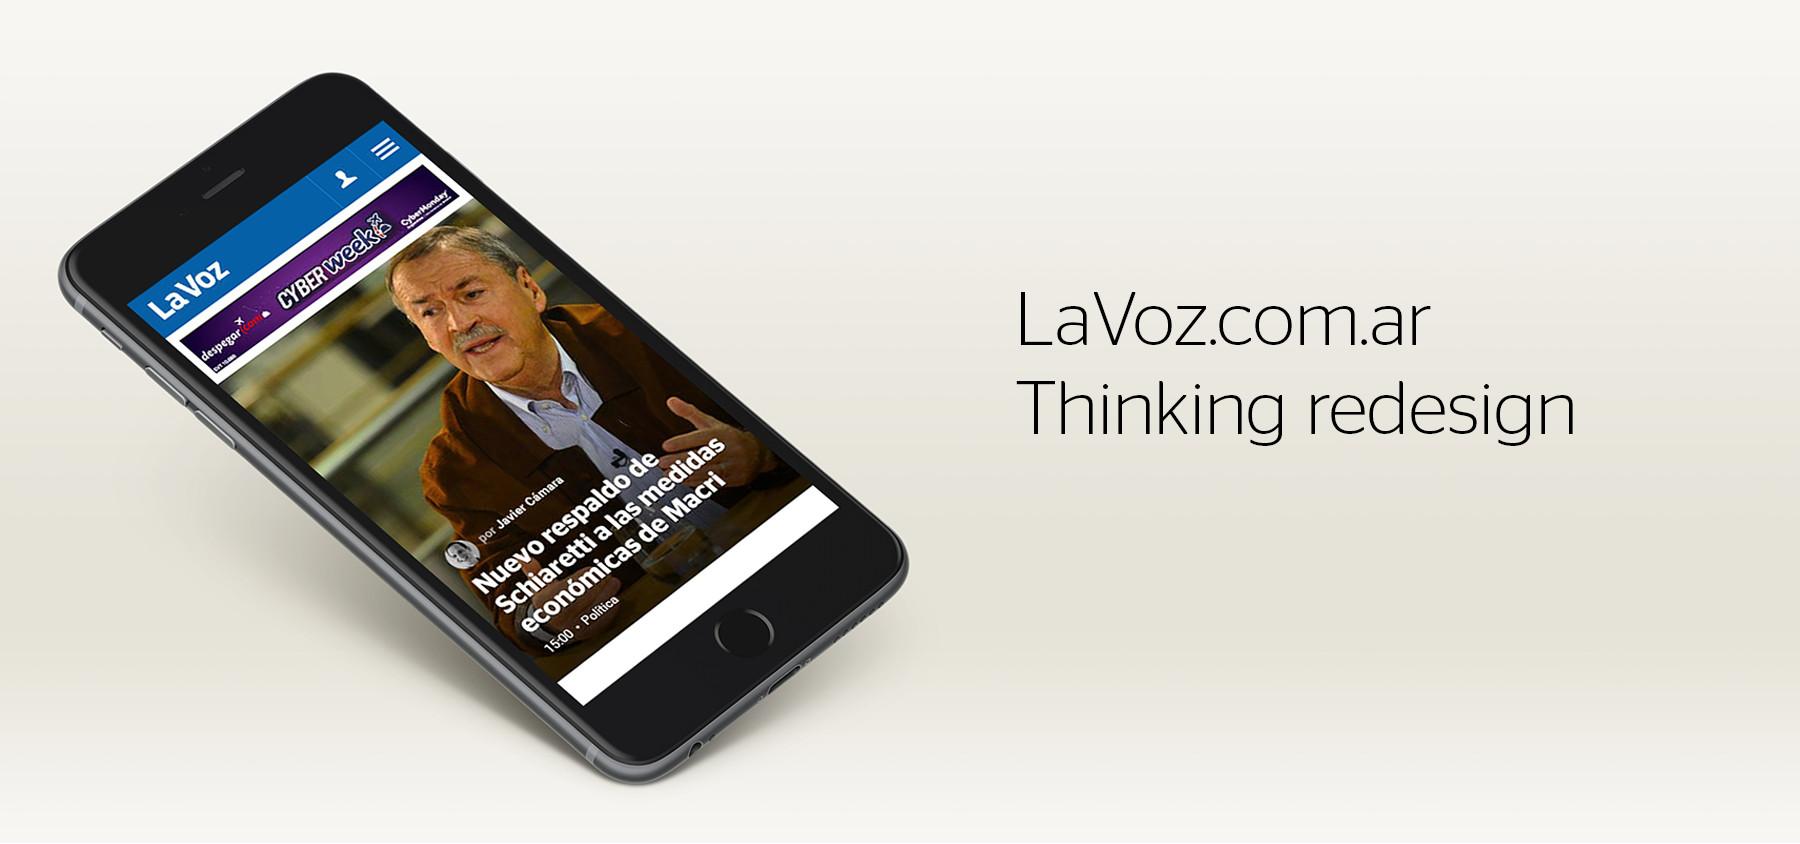 LaVoz.com.ar Redesign